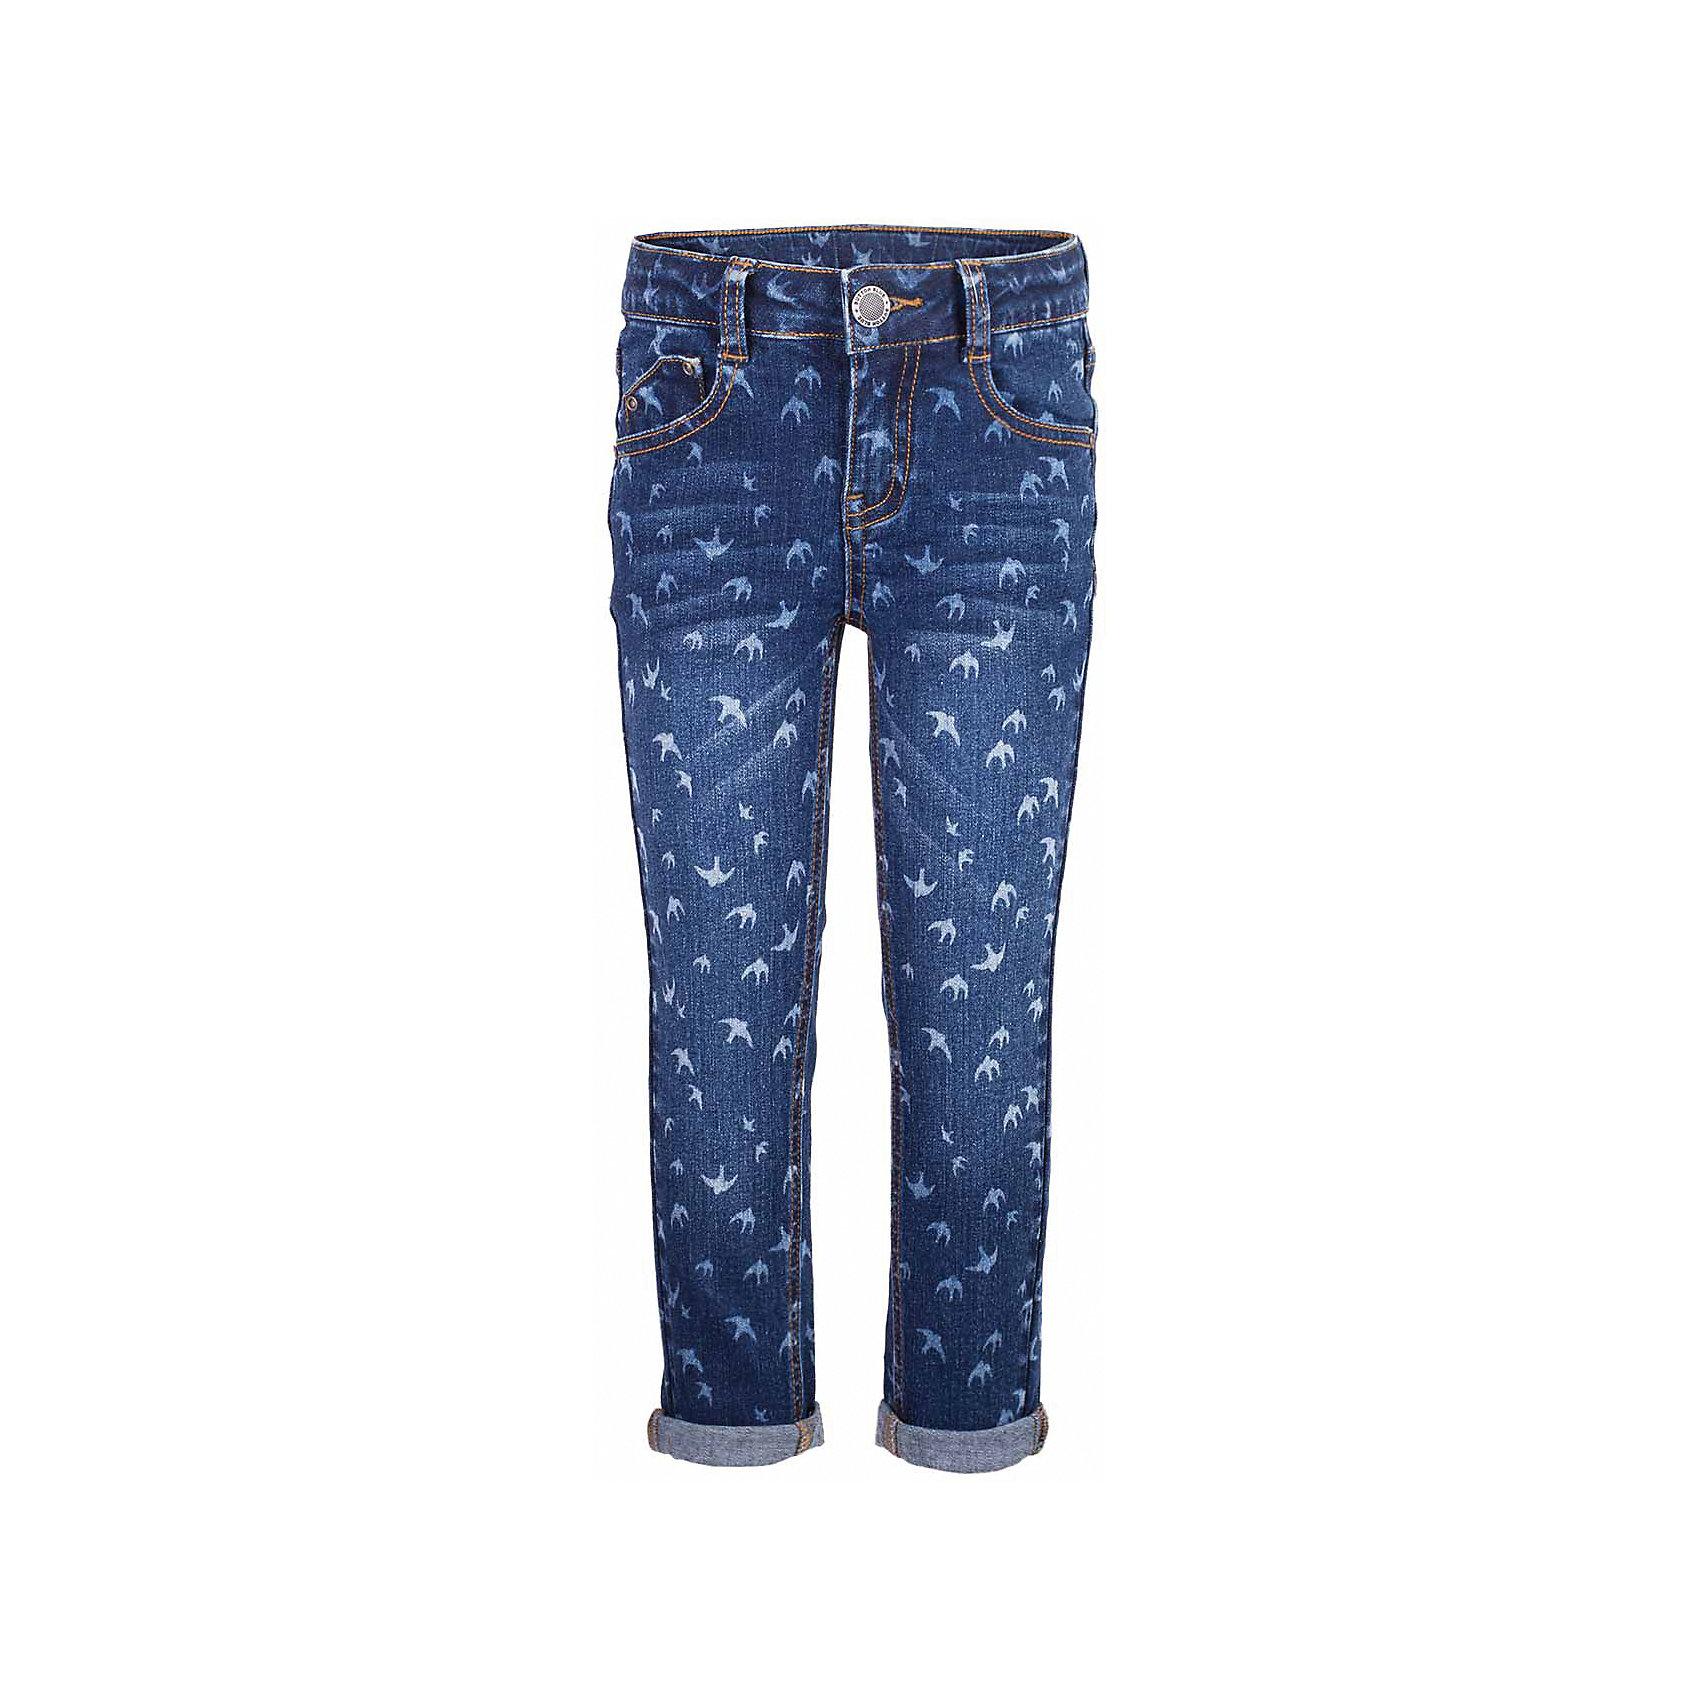 Джинсы для девочки  BUTTON BLUEДжинсы<br>Джинсы для девочки  BUTTON BLUE<br>Классные синие джинсы с рисунком — гарантия модного современного образа! Хороший крой,  удобная посадка на фигуре подарят девочке комфорт и свободу движений. Если вы хотите купить ребенку недорогие джинсы облегающего силуэта, модель от Button Blue - прекрасный выбор!<br>Состав:<br>99% хлопок 1%эластан<br><br>Ширина мм: 215<br>Глубина мм: 88<br>Высота мм: 191<br>Вес г: 336<br>Цвет: синий<br>Возраст от месяцев: 144<br>Возраст до месяцев: 156<br>Пол: Женский<br>Возраст: Детский<br>Размер: 158,98,104,110,116,122,128,134,140,146,152<br>SKU: 5523700